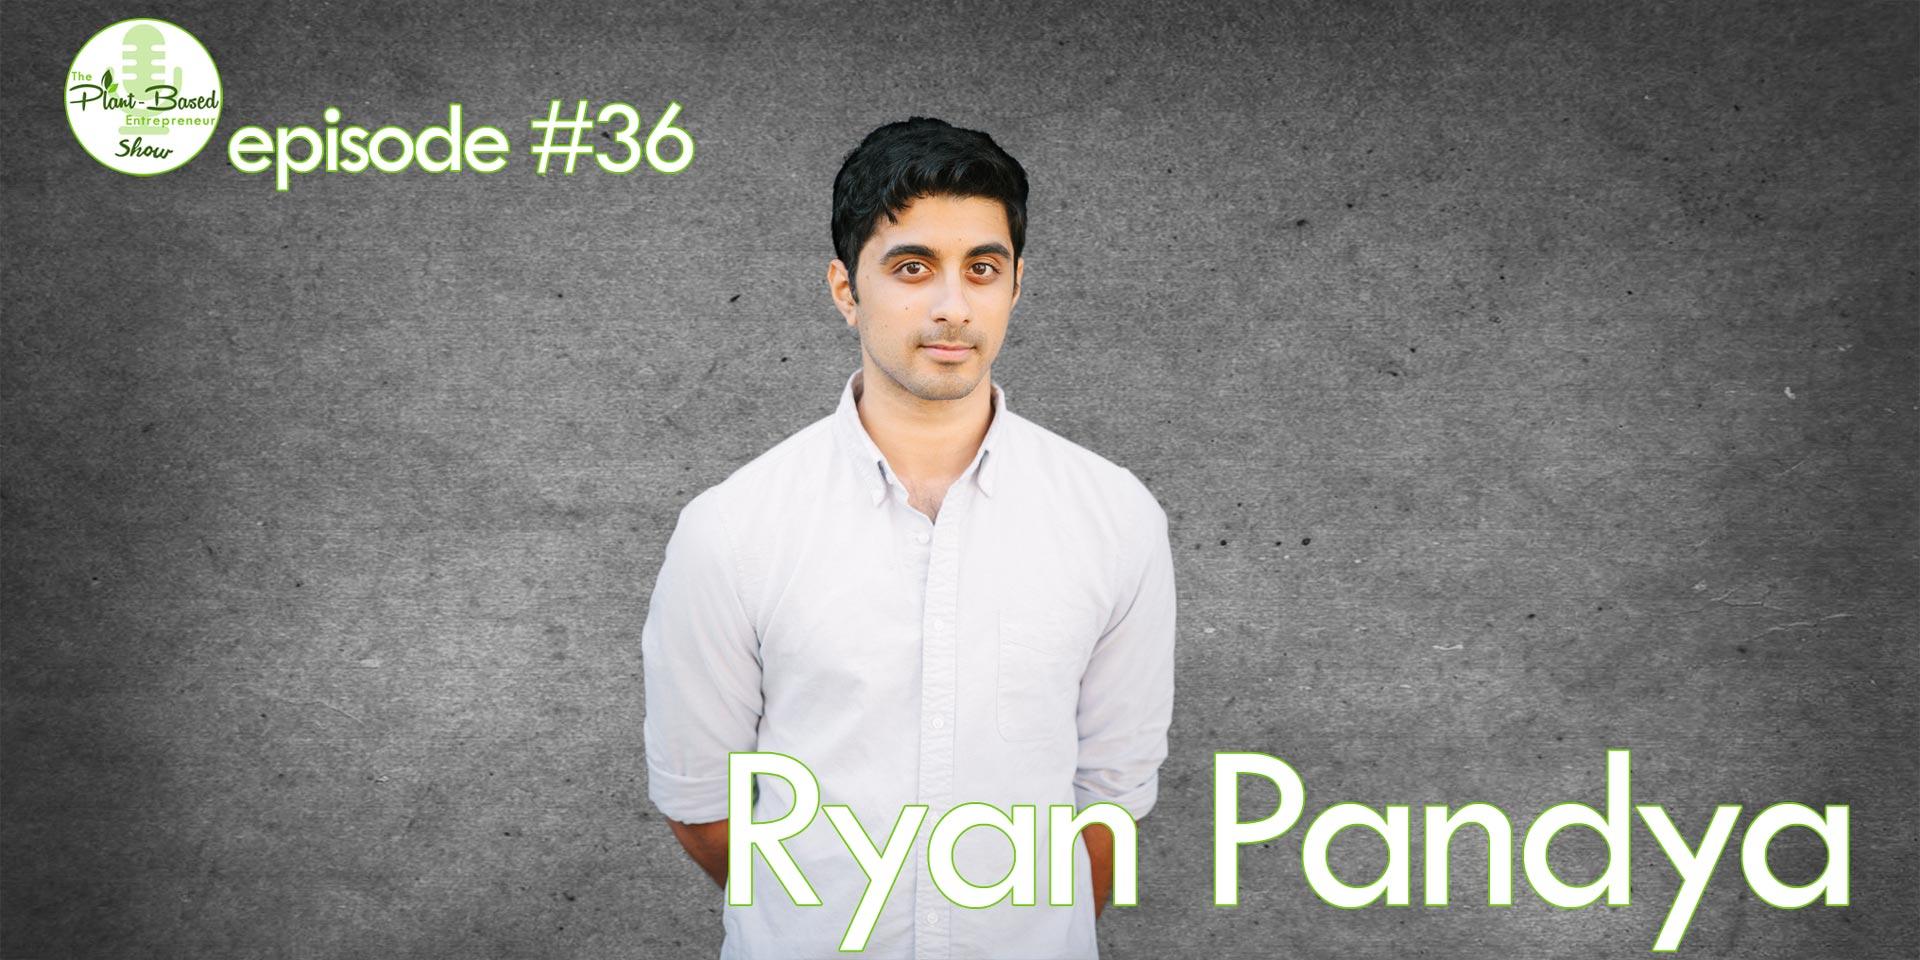 Episode #36 - Ryan Pandya